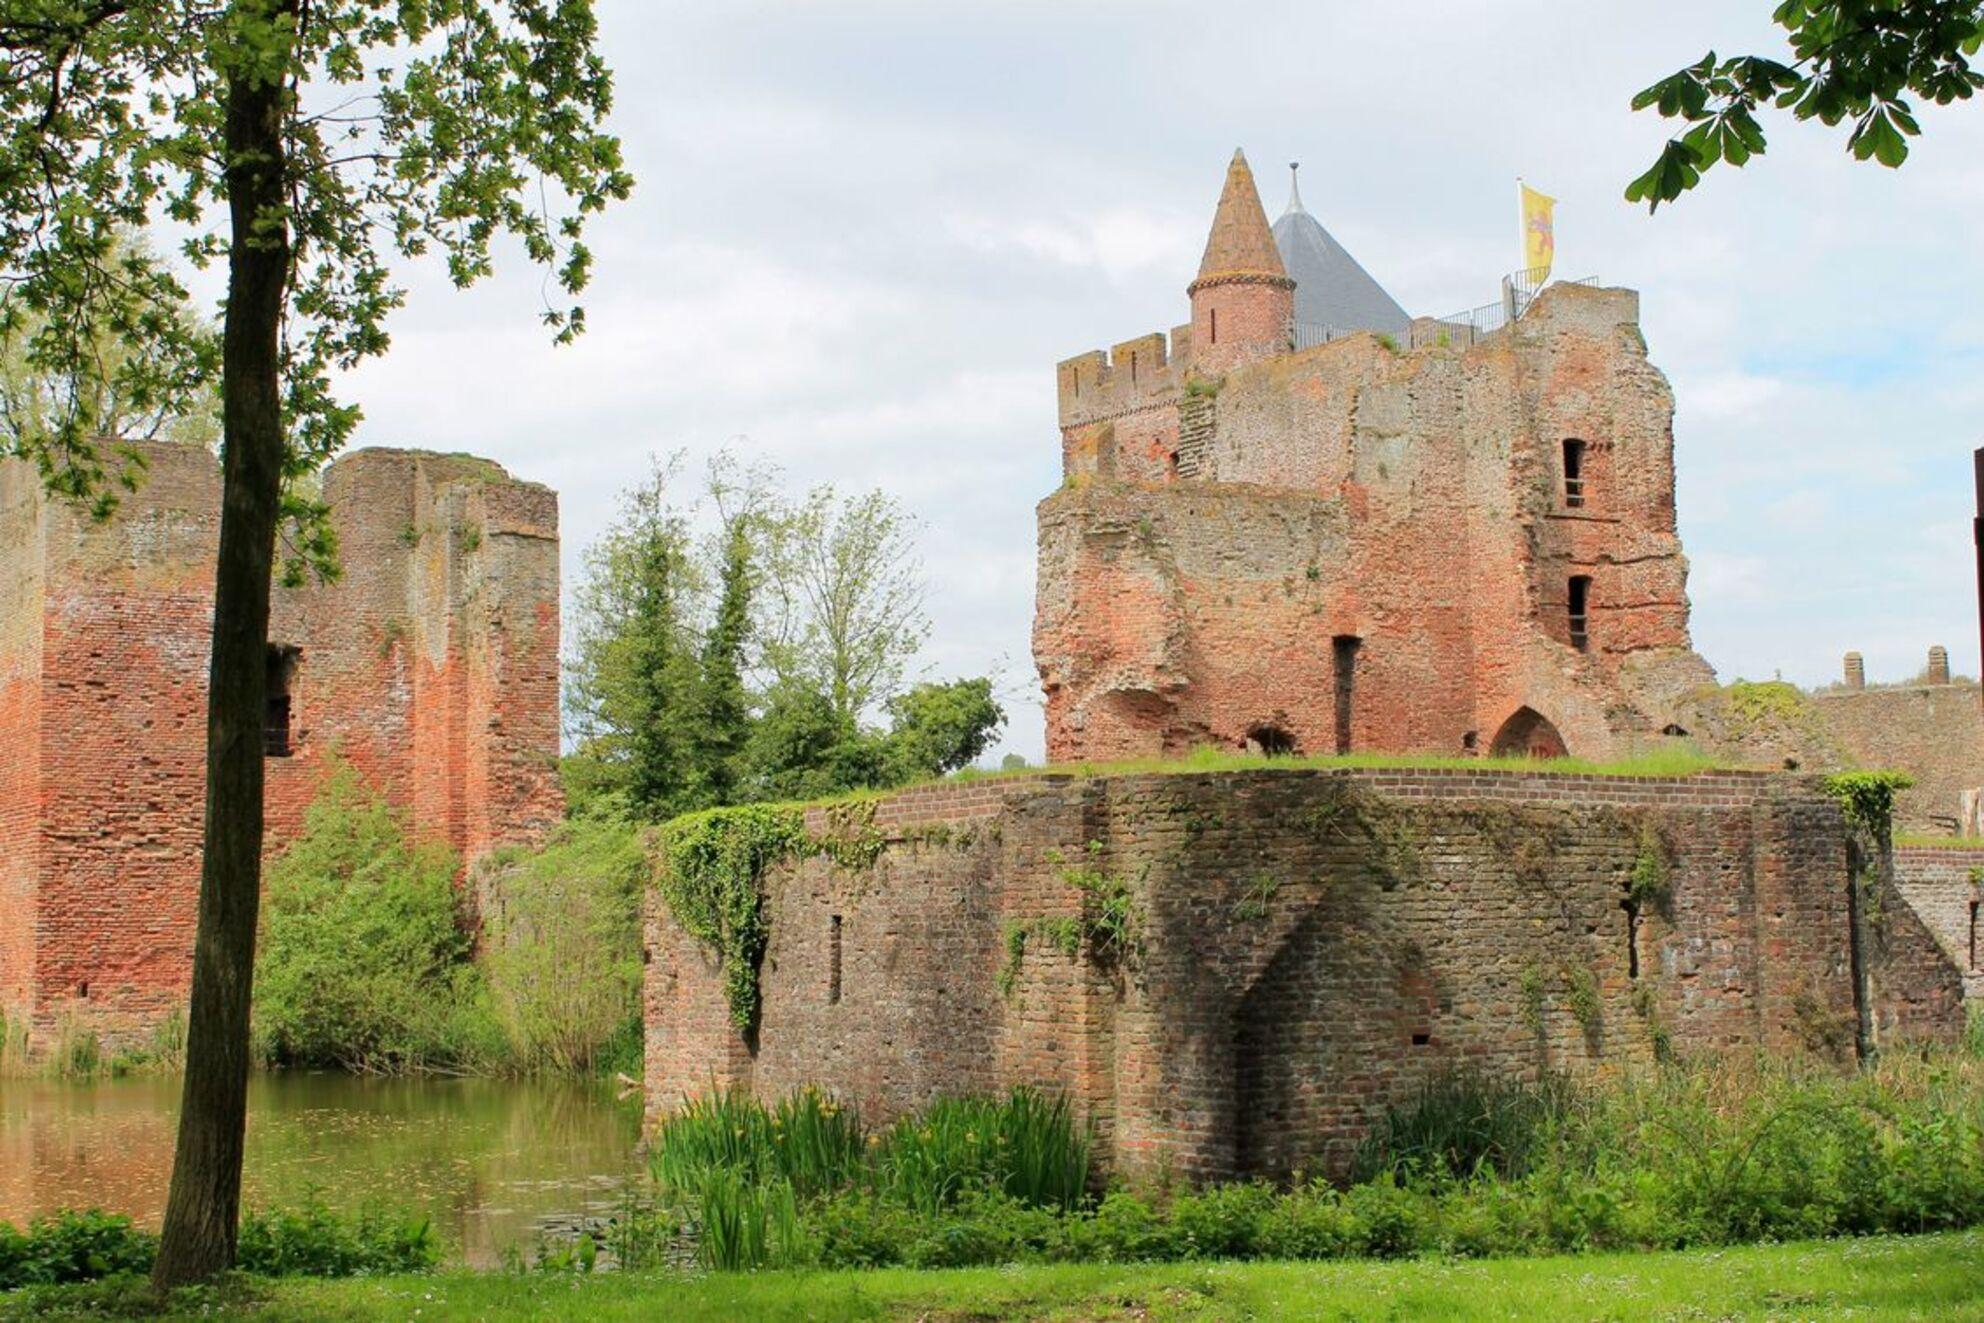 Ruine van Brederode in Santpoort - De Ruine uit de middeleeuwen. - foto door Jeroen123_zoom op 17-05-2014 - deze foto bevat: panorama, kasteel